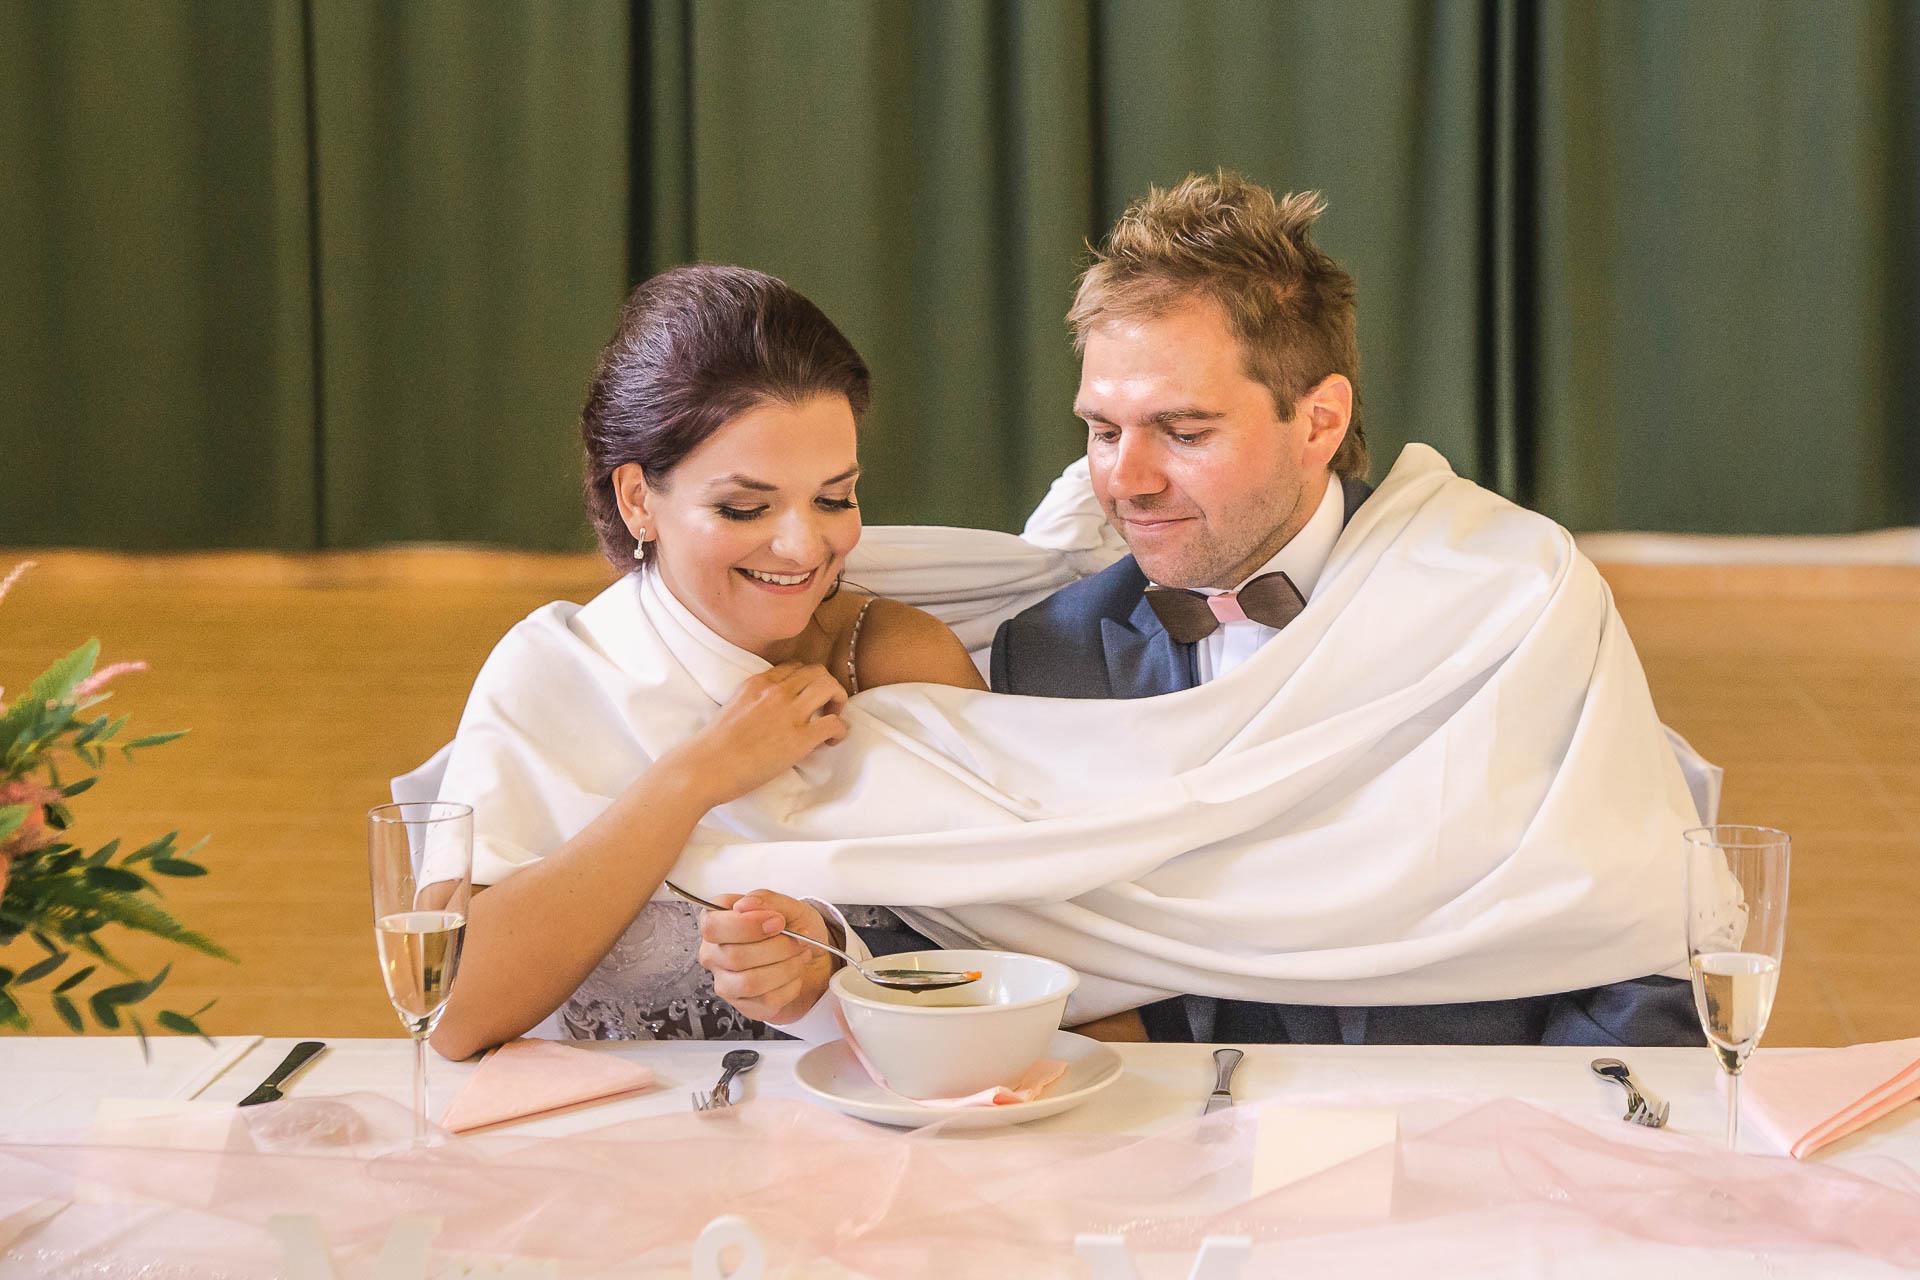 svatební-fotografie-Říp-svatební-video-ŘÍP-svatební-fotograf-ŘÍP-svatba-Mělník-svatba-Neratovice-fotograf-na-savtbu-kameraman-na-svatbu-258